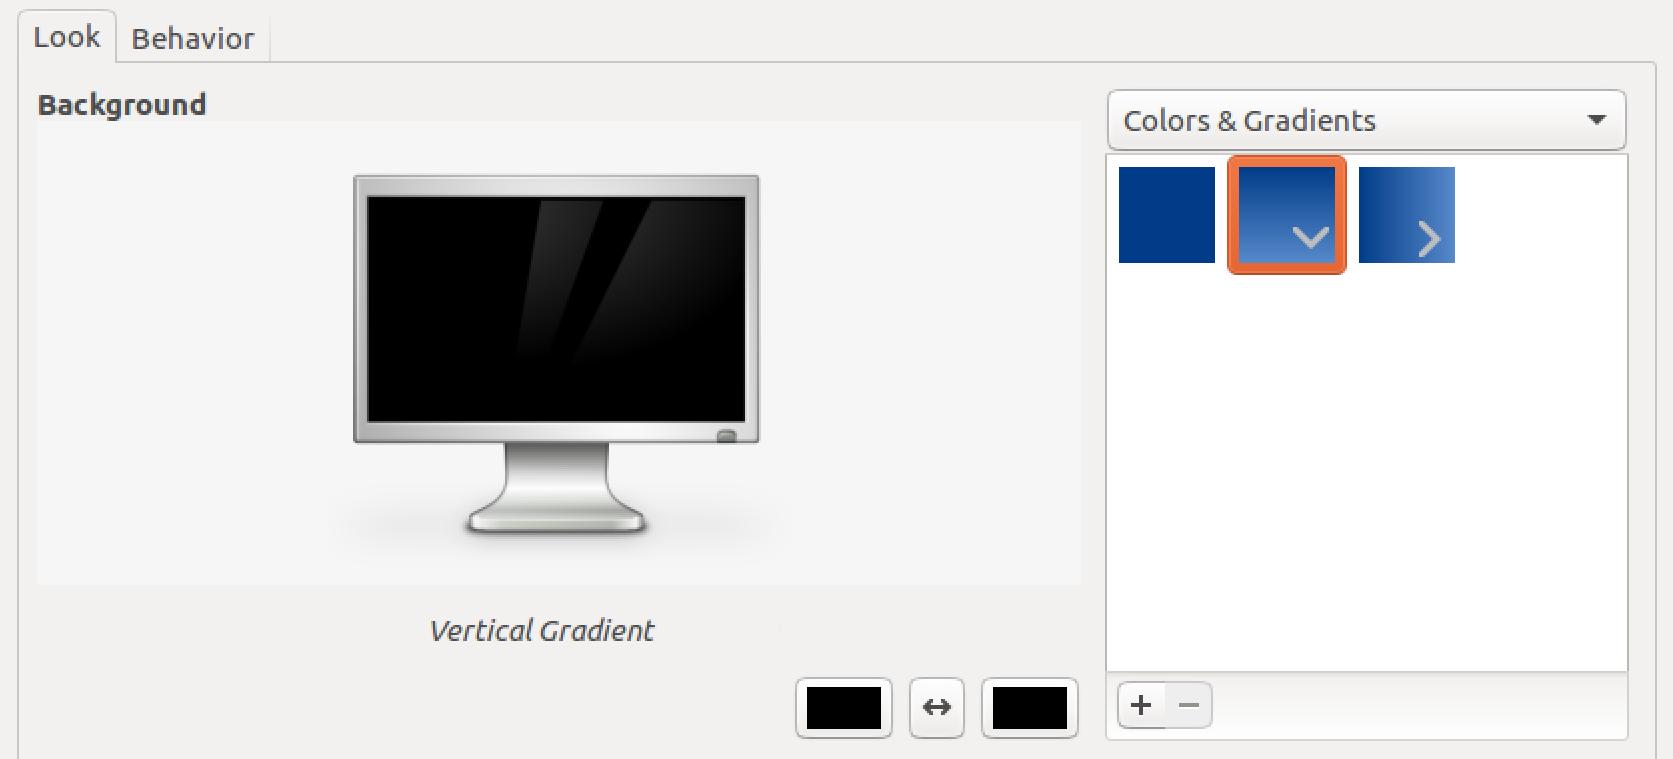 Cambiar fondo de pantalla en ubuntu maslinux for Fondo de pantalla ubuntu